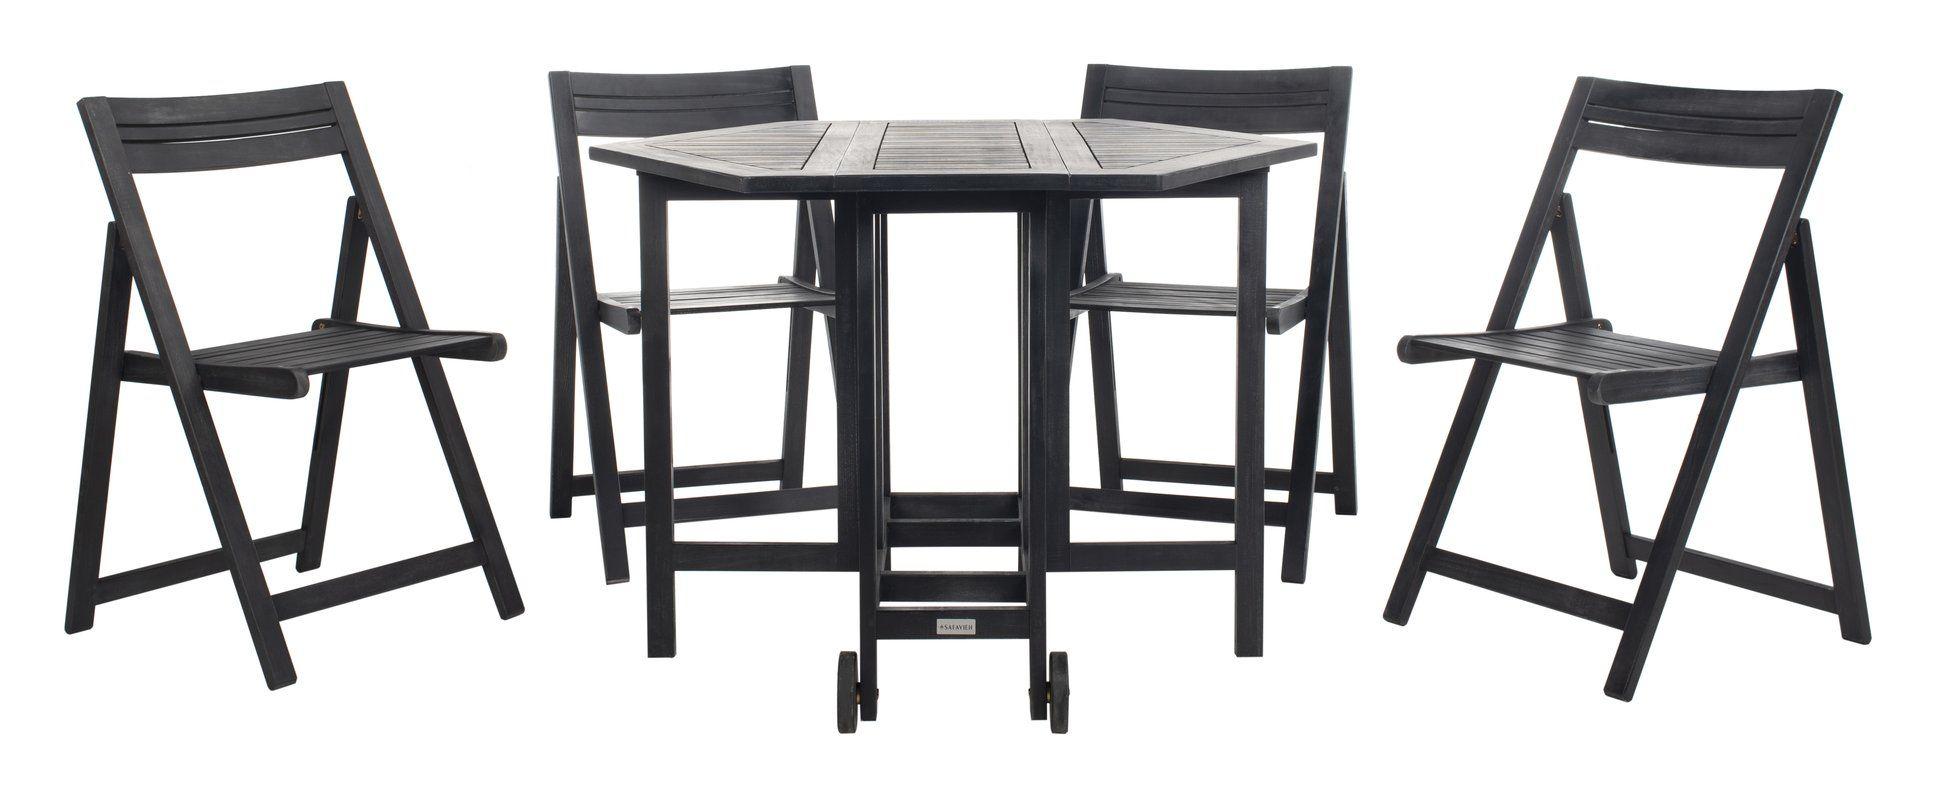 22++ Safavieh kerman acacia wood 5 piece folding dining set Inspiration